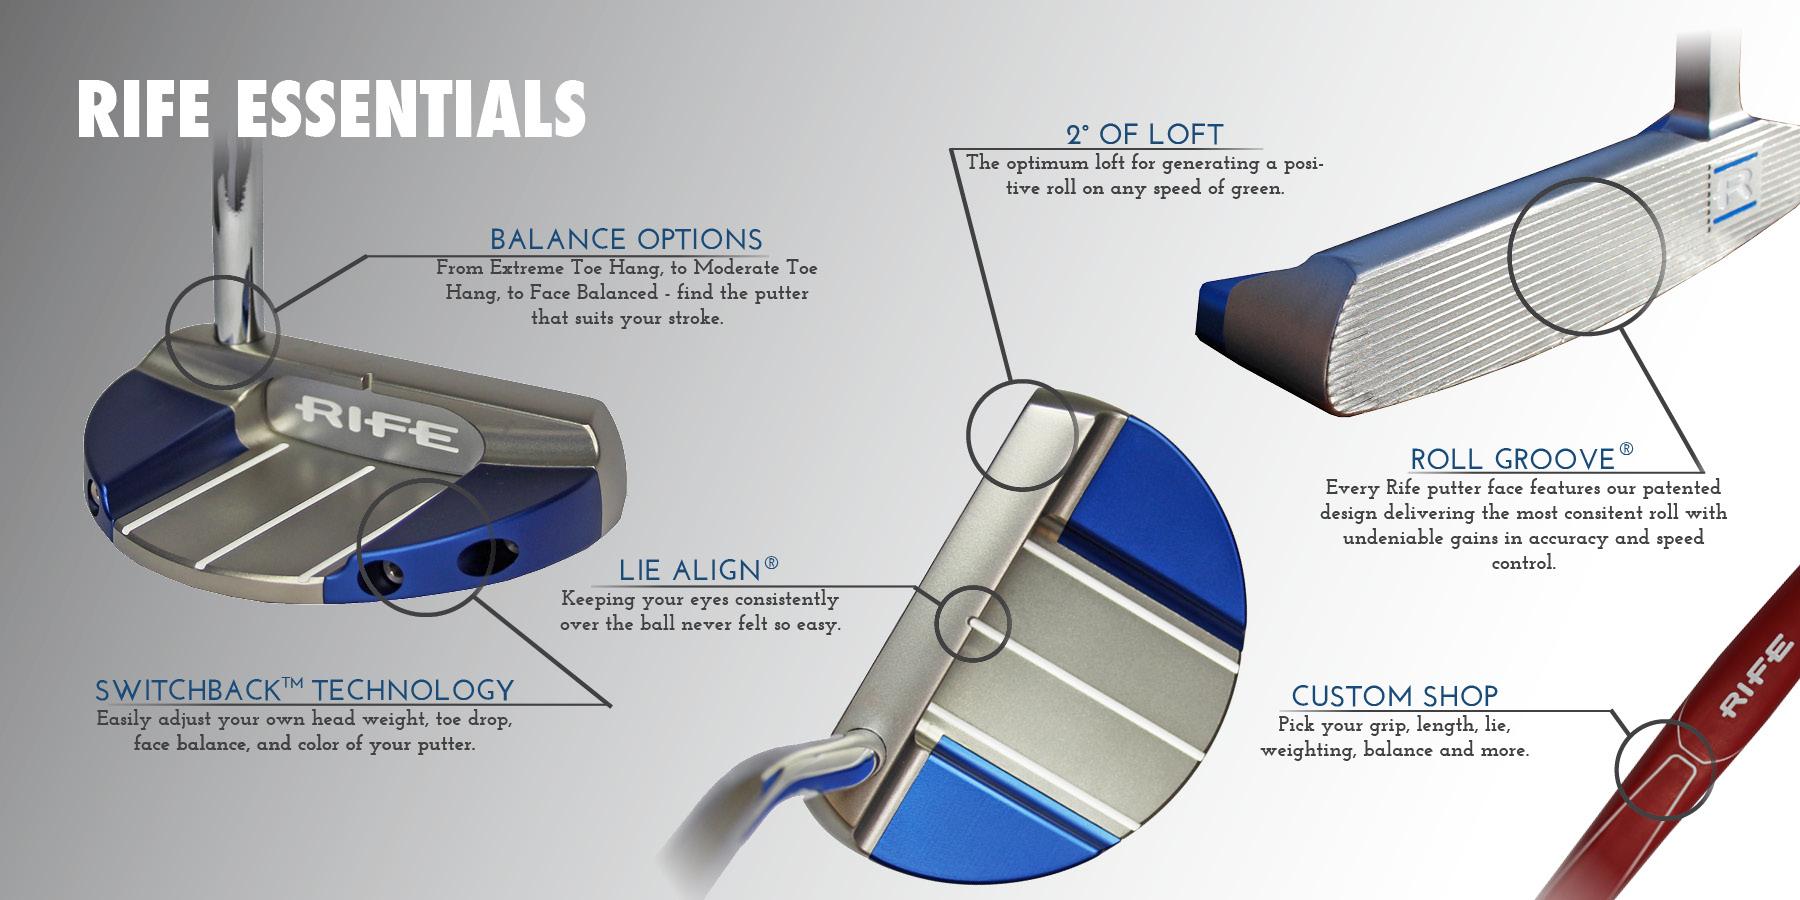 Rife Essentials